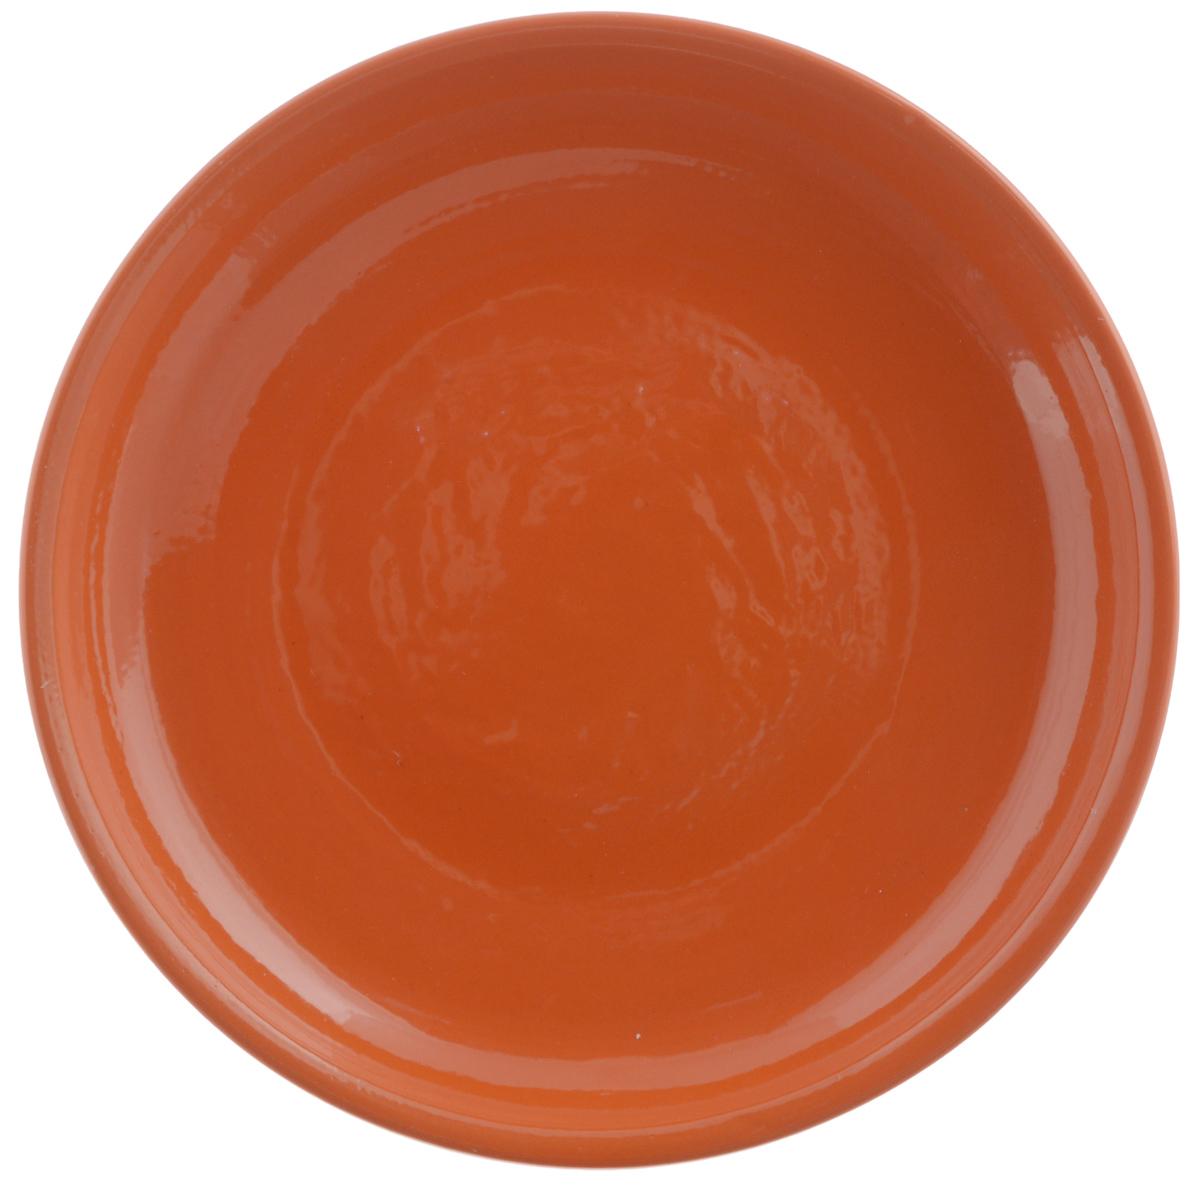 Тарелка Борисовская керамика Радуга, цвет: оранжевый, диаметр 18 смVT-1520(SR)Тарелка Борисовская керамика Радуга выполнена из высококачественной керамики. Изделие идеально подойдет для сервировки стола и станет отличным подарком к любому празднику. Можно использовать в духовке и микроволновой печи.